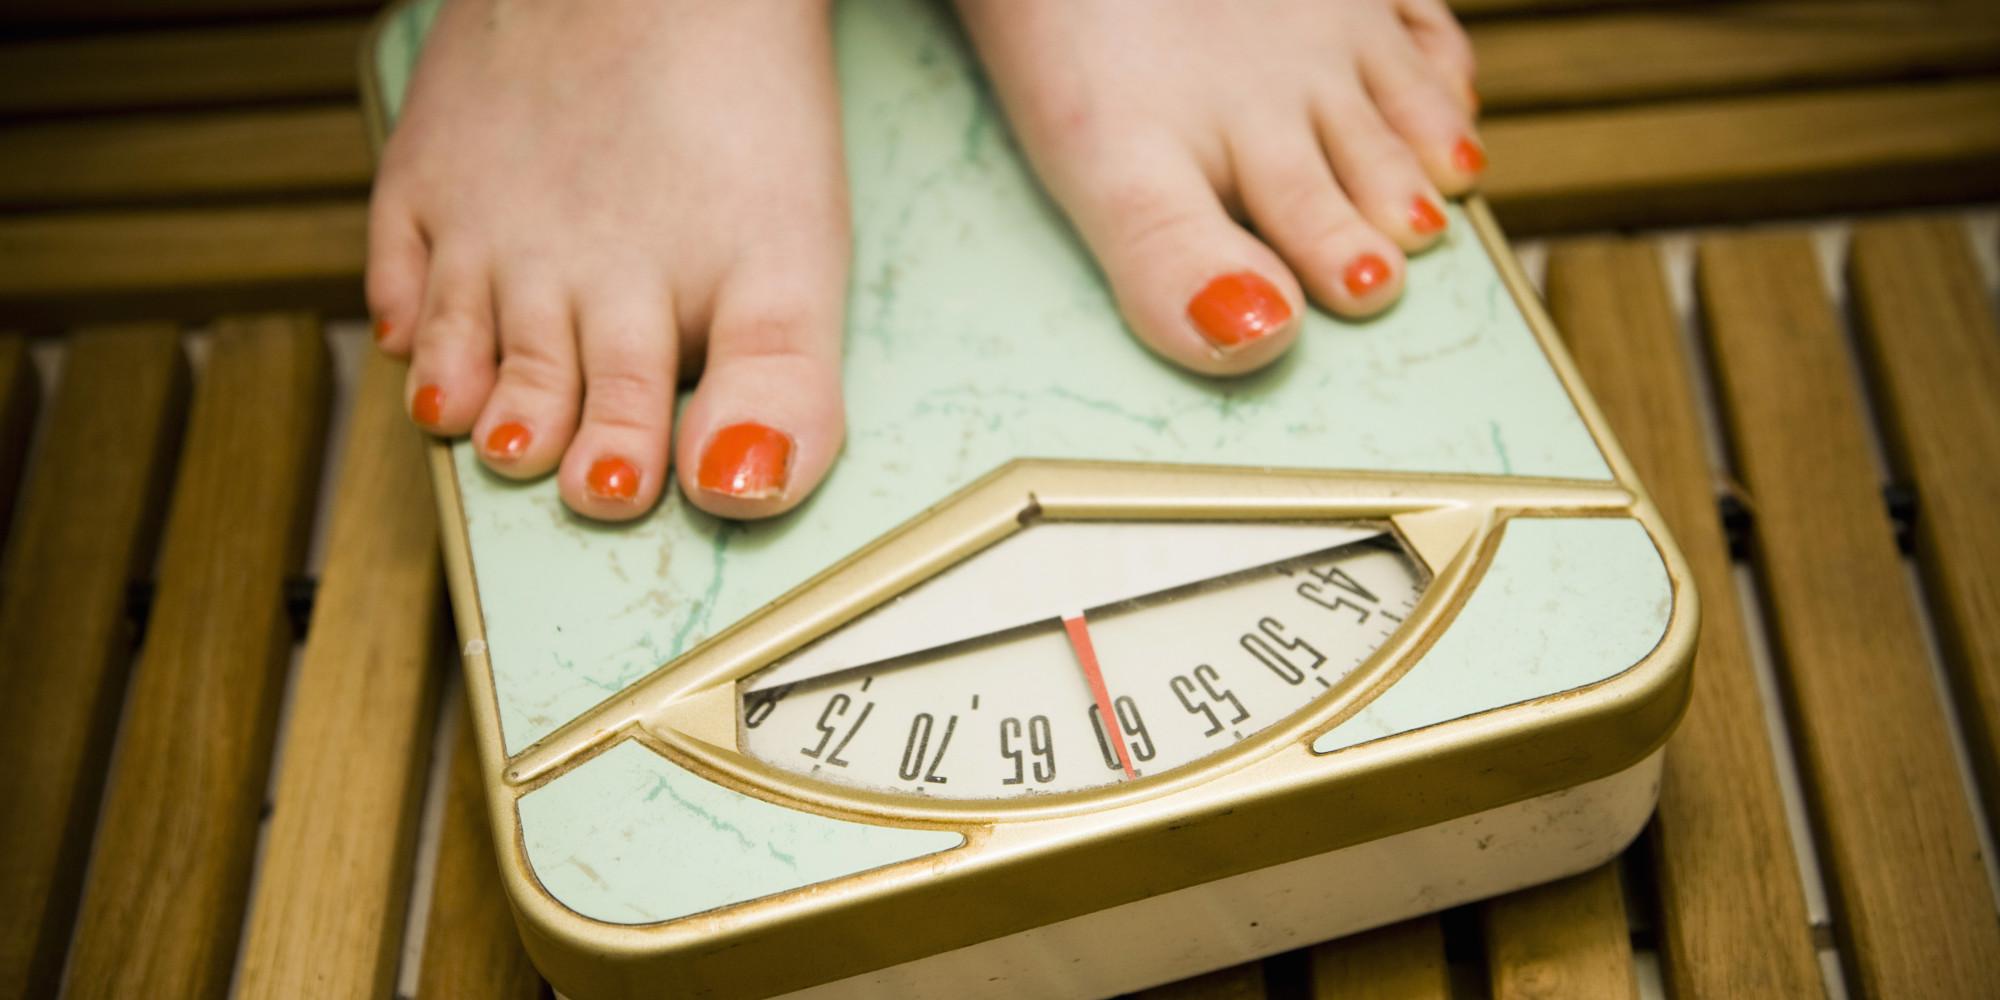 Effet de l'obésité sur la fertilité